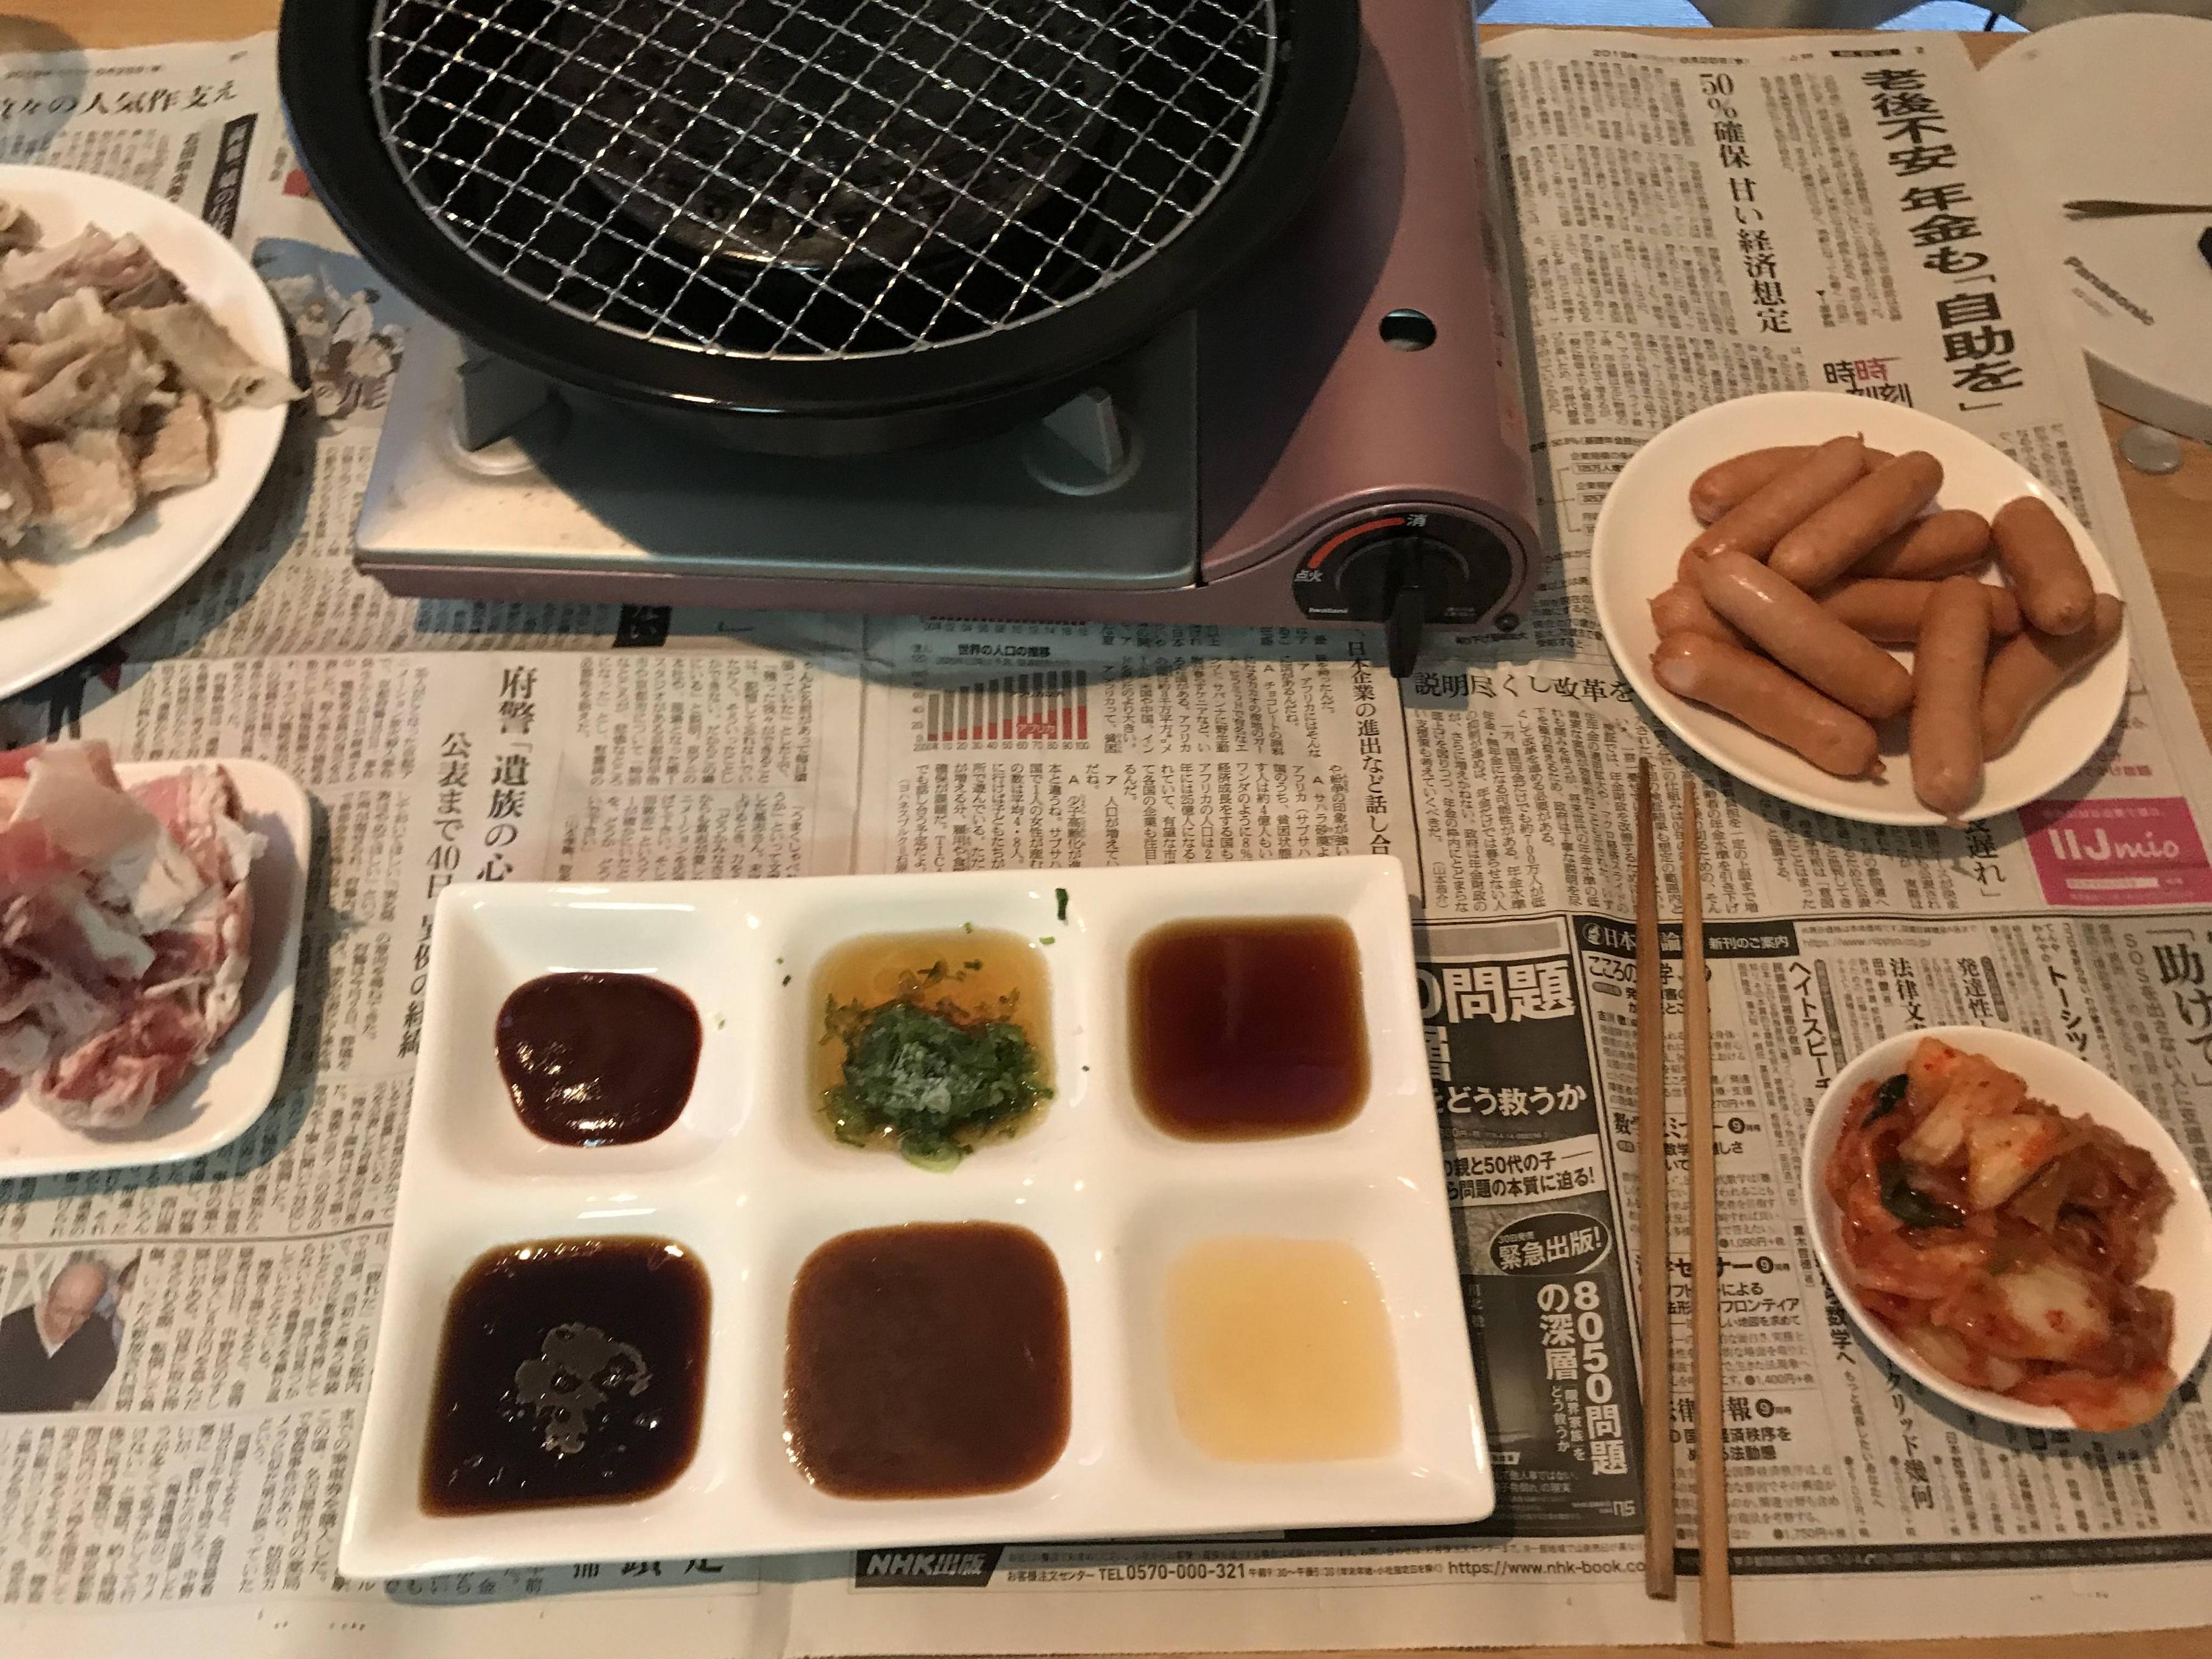 【画像あり】貧乏人、肉を焼くwwww